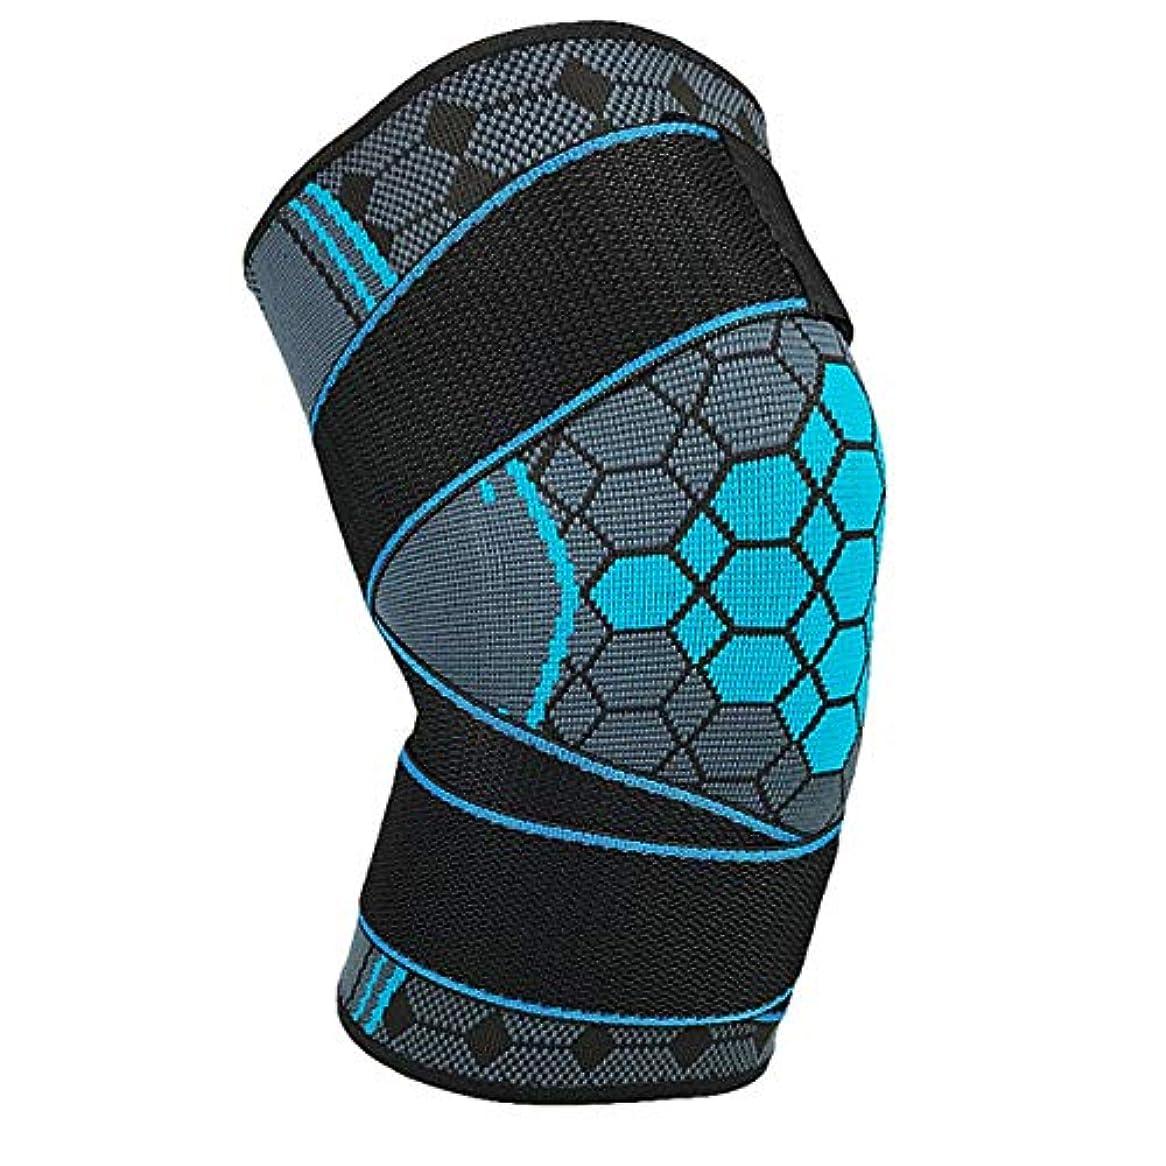 ペルメル荒野形状快適な膝パッドヨガスポーツ保護パッドバレーボール落下膝サポート安全膝パッド耐久性膝ブレース-ブルーL